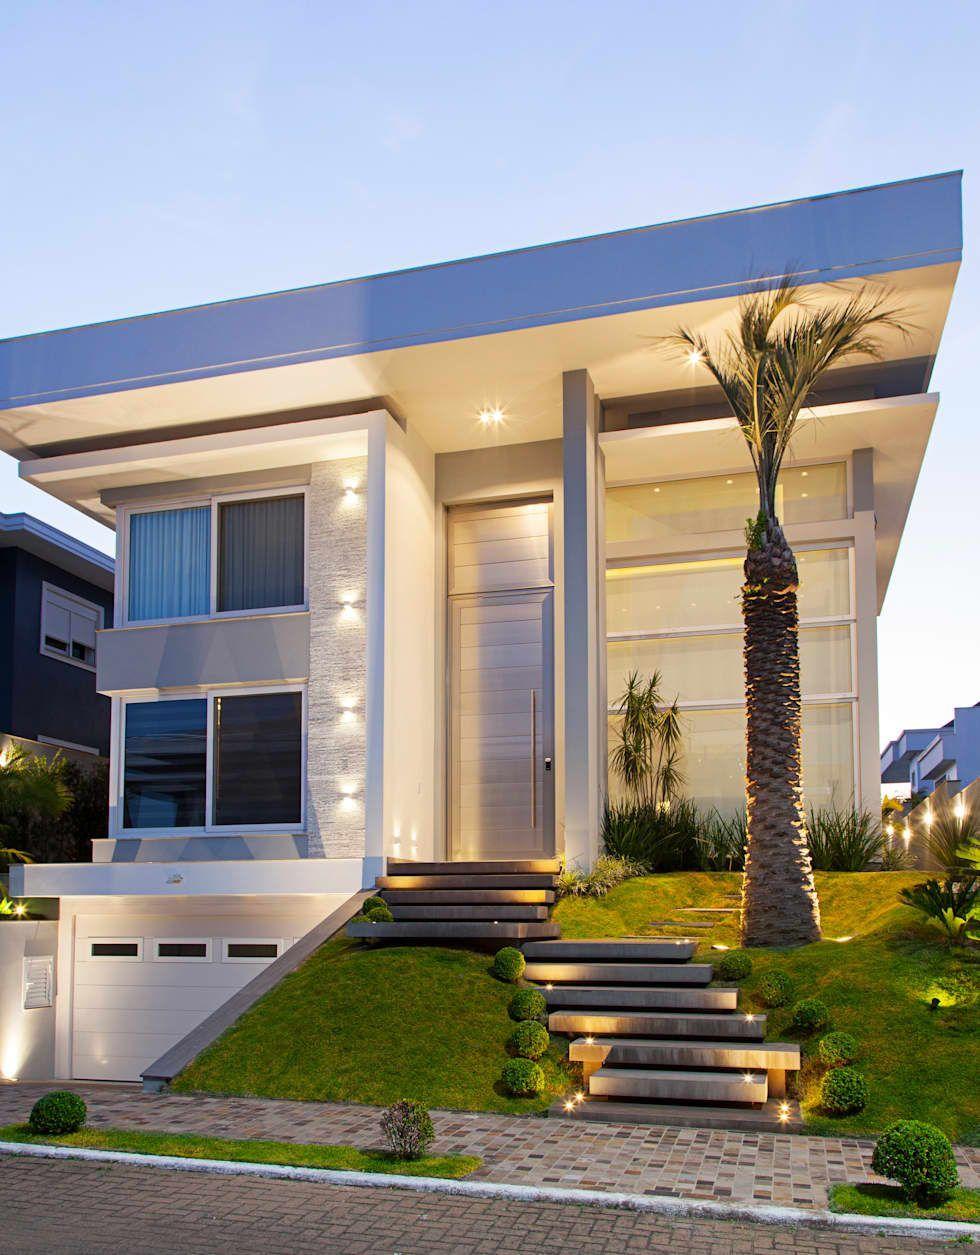 Resid ncia n c casas por andr pacheco arquitetura for Fachadas de casas modernas